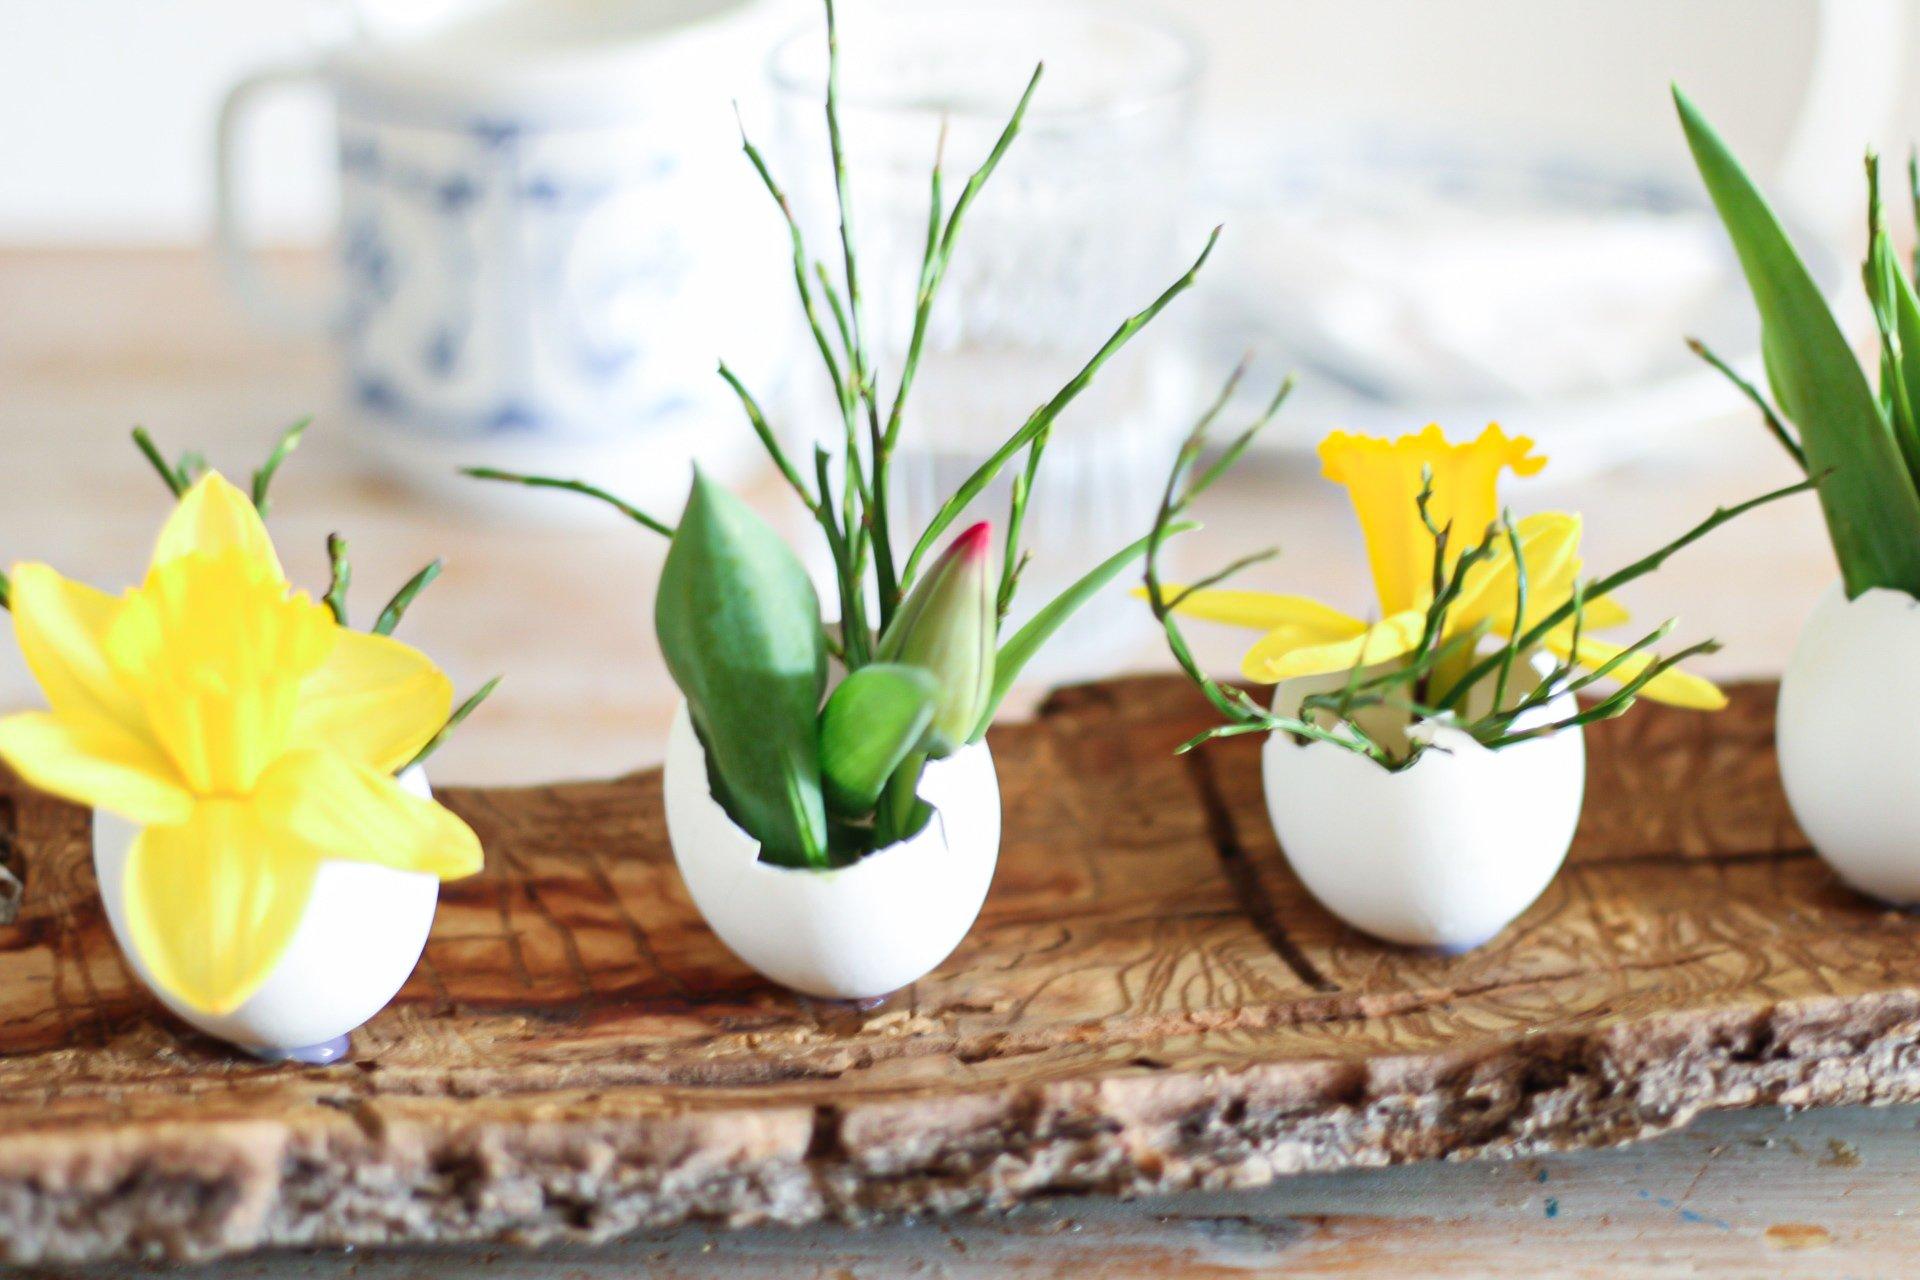 Eine schöne und kostenlose Deko, die jeder basteln kann. Die Eier können auch mit anderen Dingen, wie z.B. Trockenblumen, Papierblumen, etc. gefüllt werden.